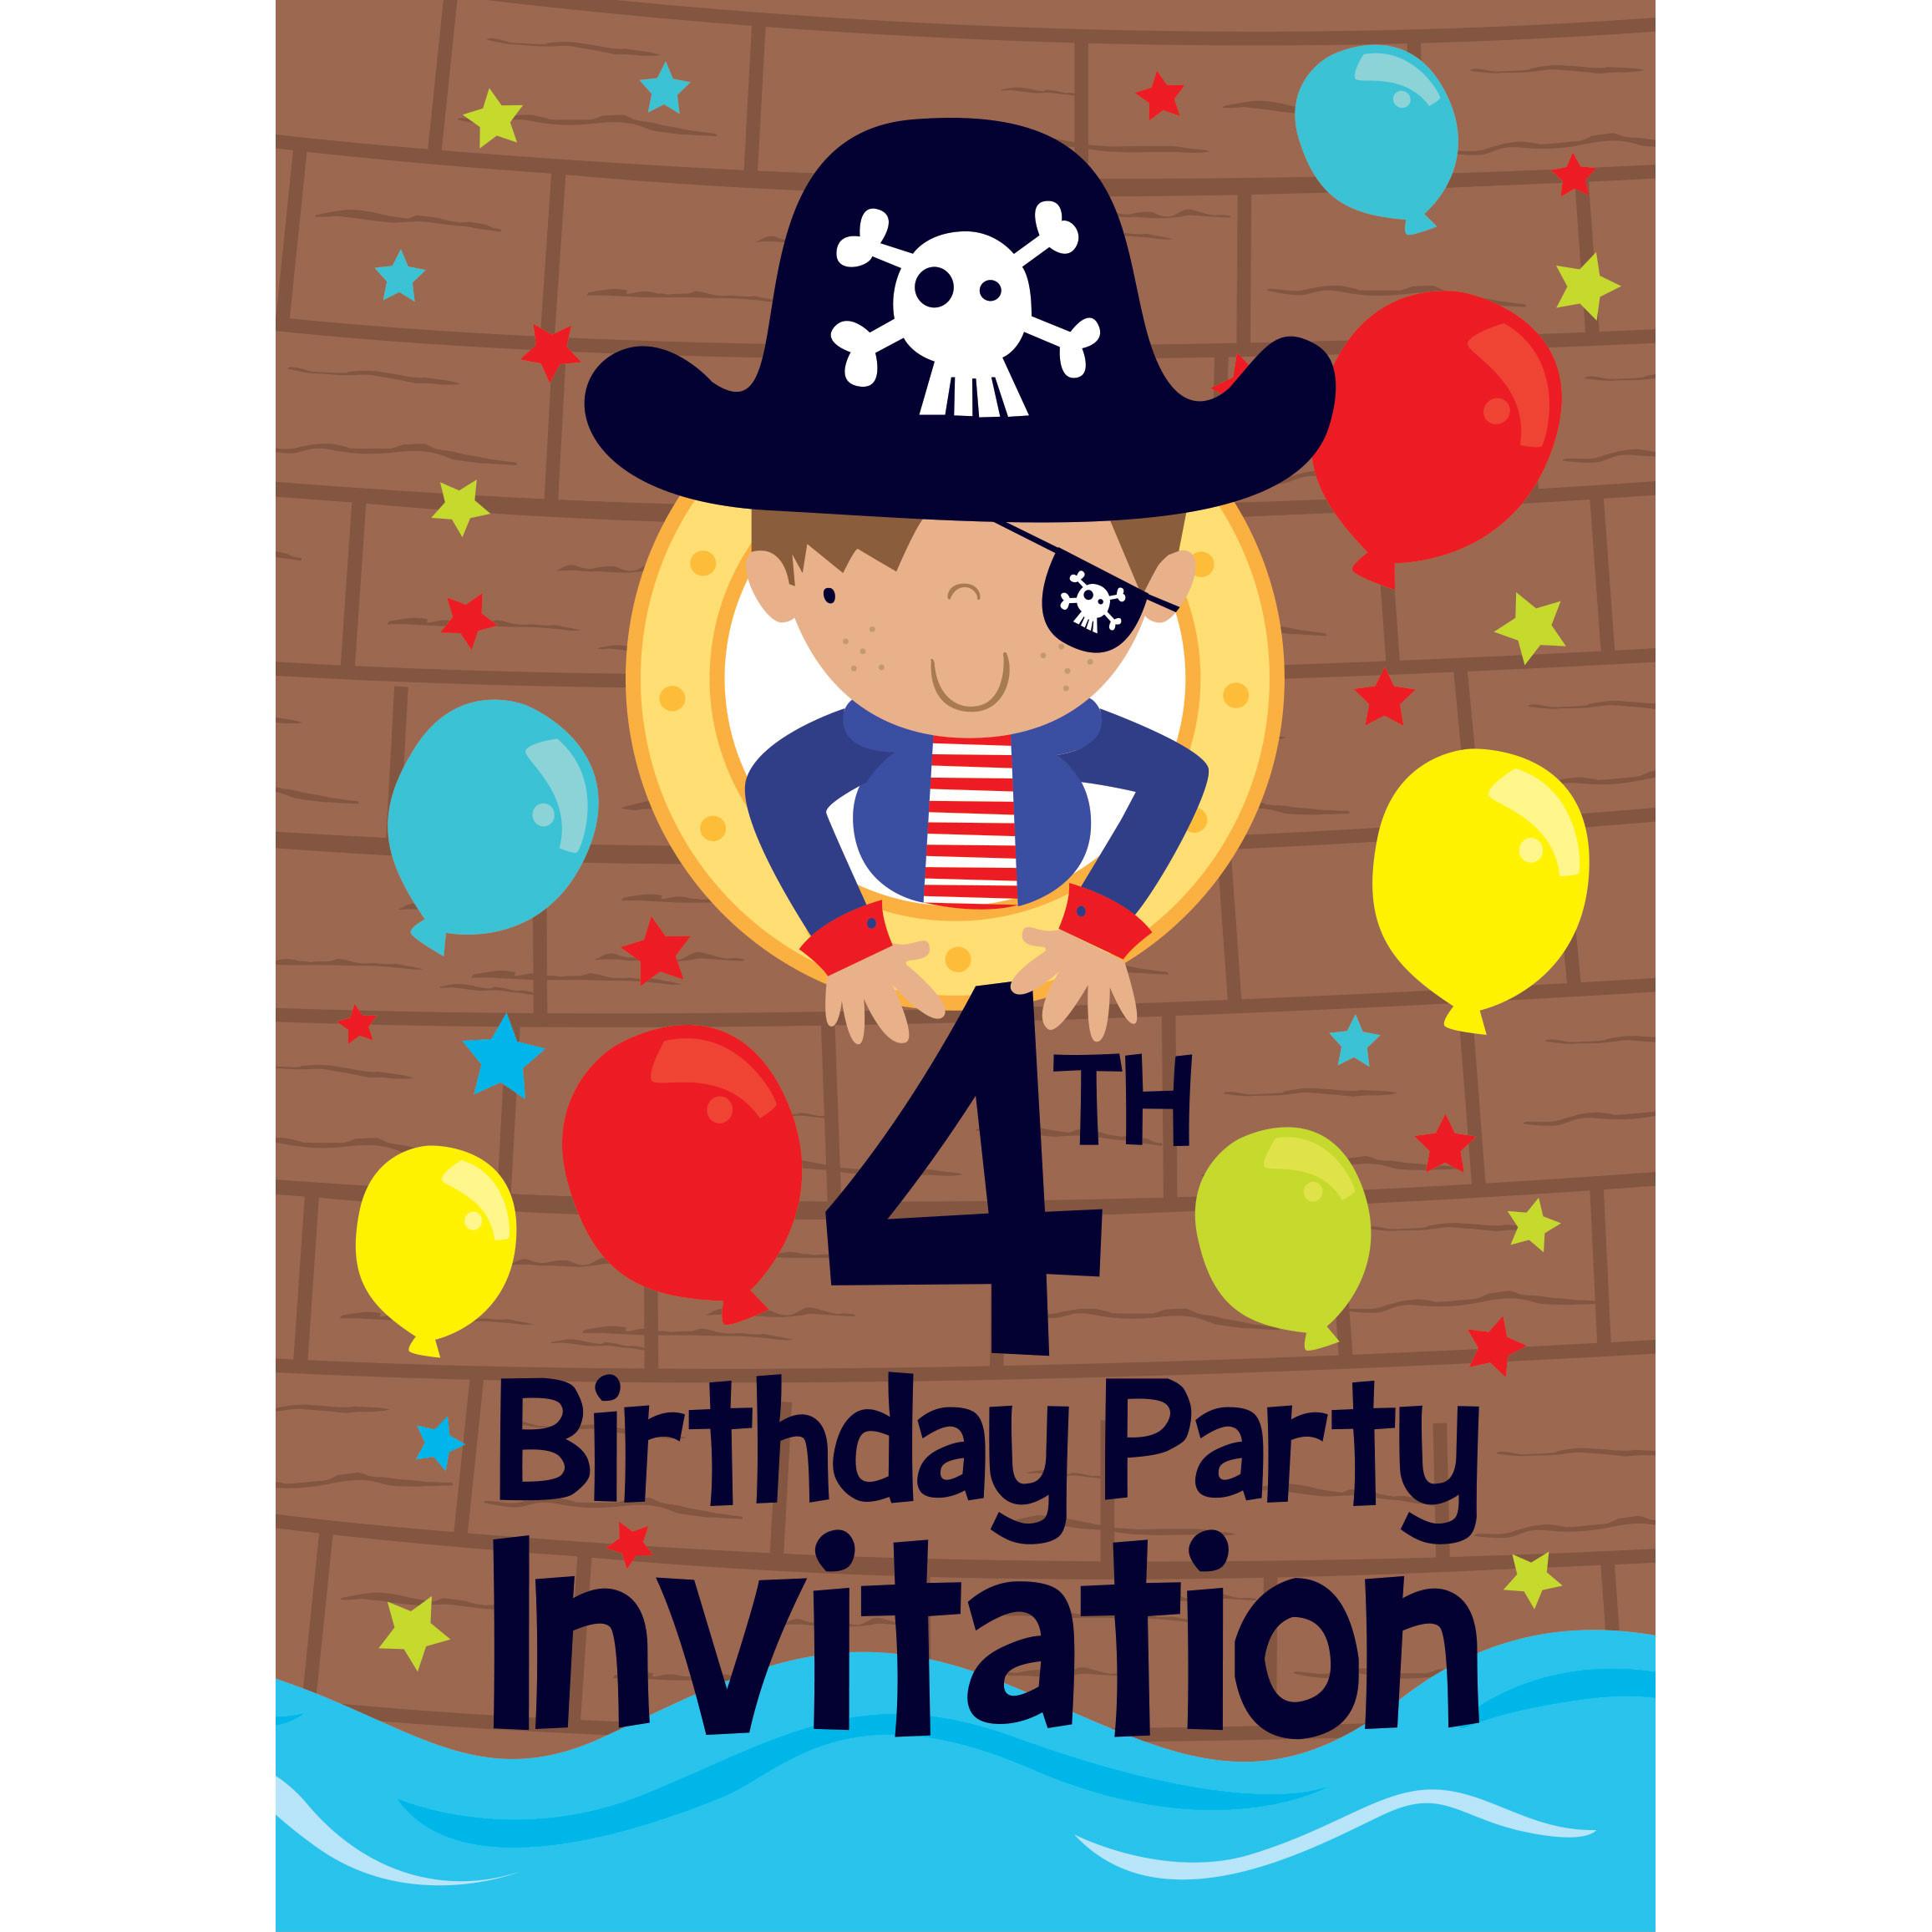 Geburtstagswünsche Zum 4 Geburtstag  Party Deko zum 4 Geburtstag